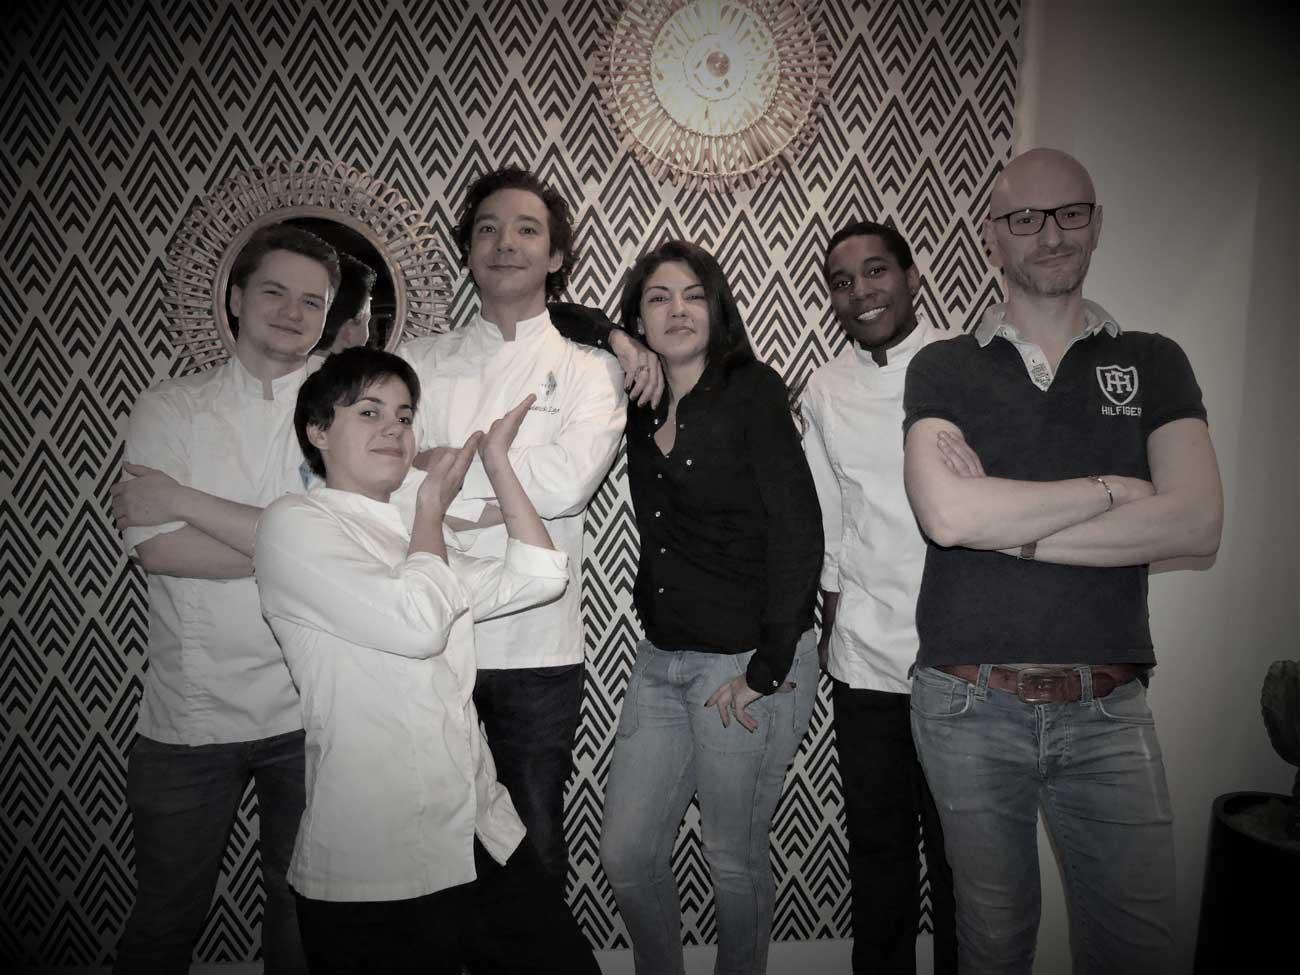 Equipe-Restaurant-Sens-Uniques-Paris